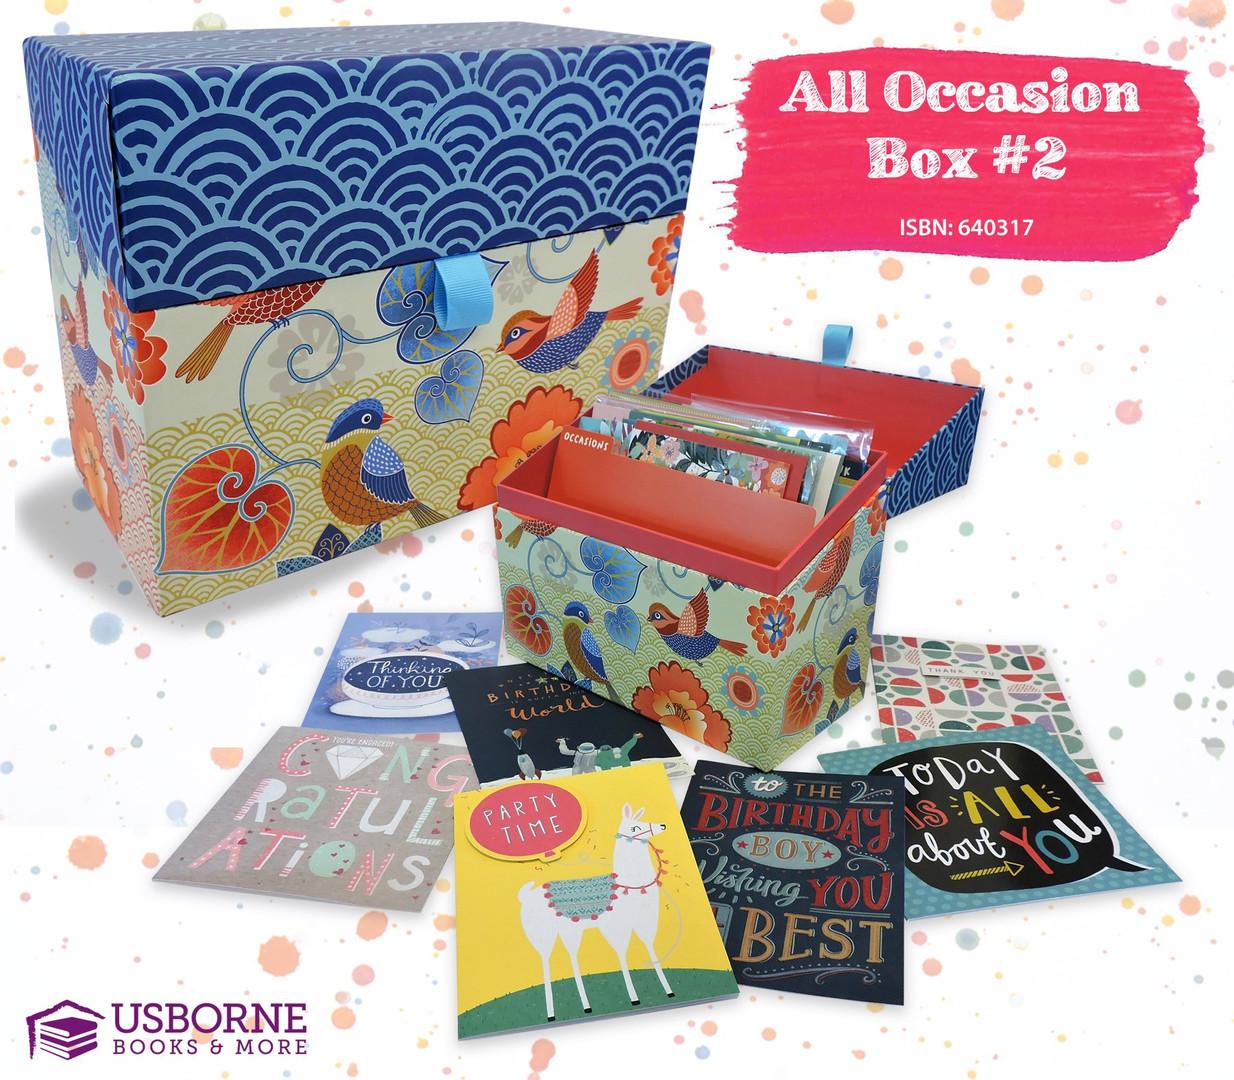 All Occasion Box #2